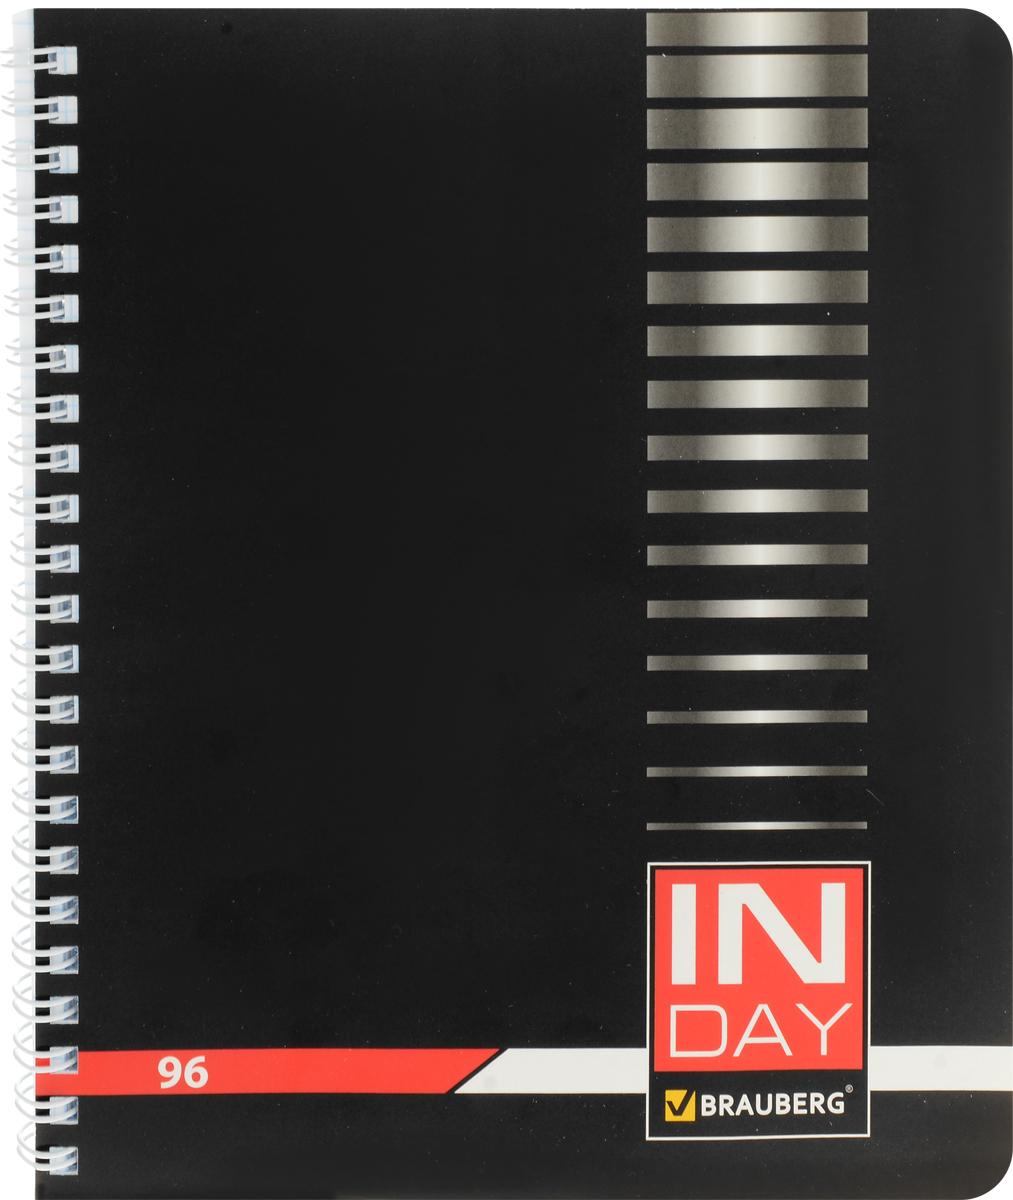 Brauberg Тетрадь In Day 96 листов в клетку цвет черный 400526400526Тетрадь Brauberg In Day на металлическом гребне пригодится как школьнику, так и студенту.Такое практичное и надежное крепление позволяет отрывать листы и полностью открывать тетрадь на столе. Обложка изготовлена из импортного мелованного картона. Внутренний блок выполнен из высококачественного офсета в стандартную клетку без полей. Тетрадь содержит 96 листов. Страницы тетради дополнены микроперфорацией для удобного отрыва листов.